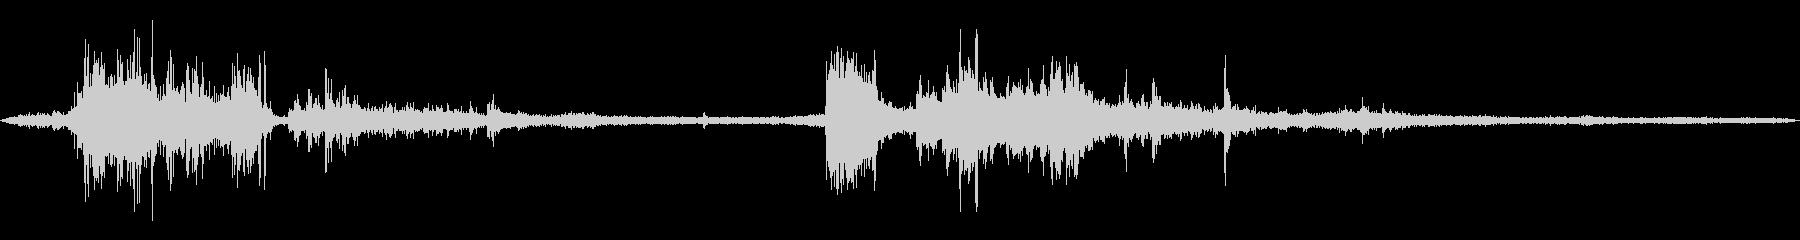 雷のフィールドレコーディング1の未再生の波形